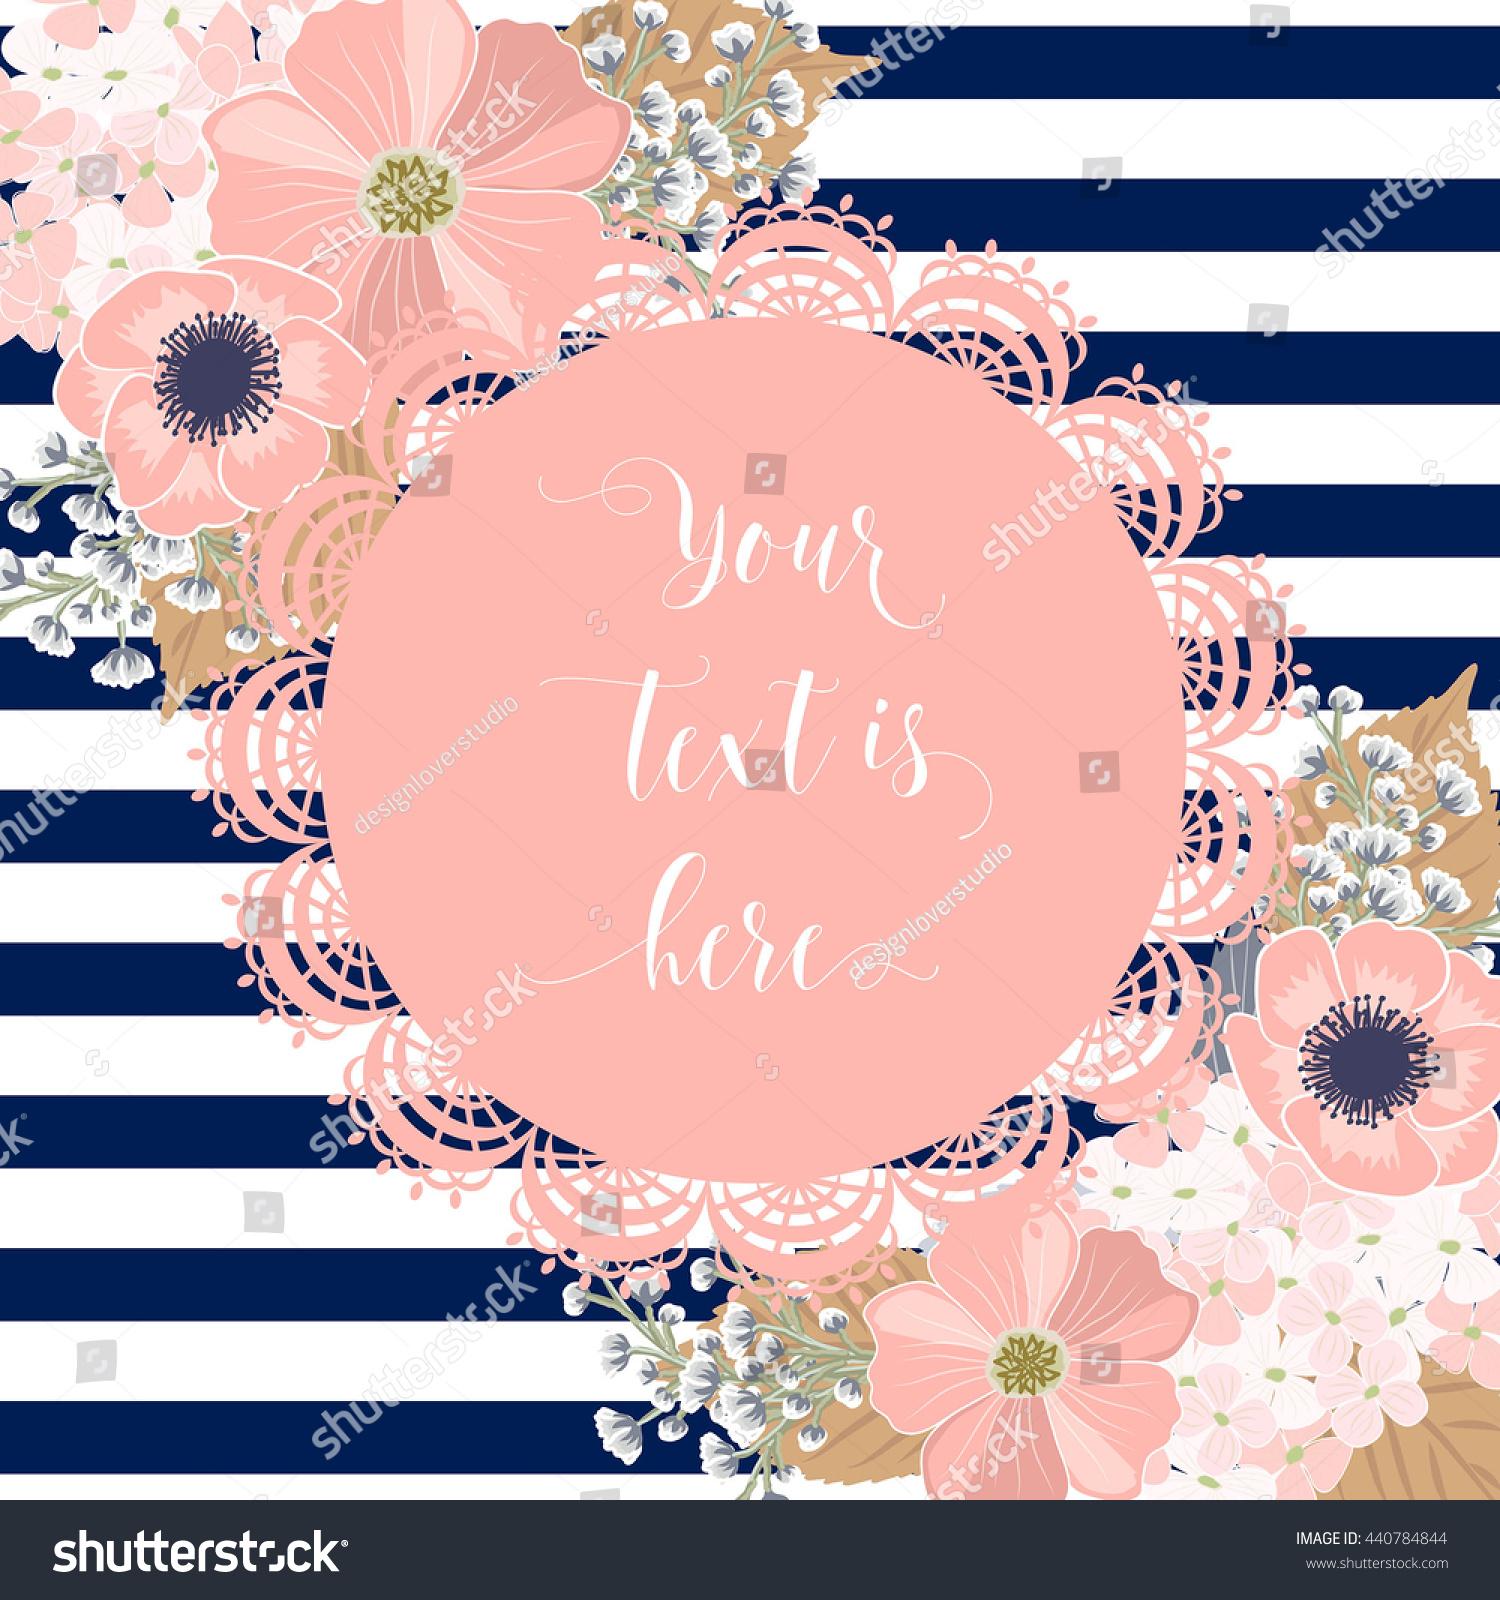 Navy Blue Peach Wedding Flower Stock Vector 440784844 - Shutterstock